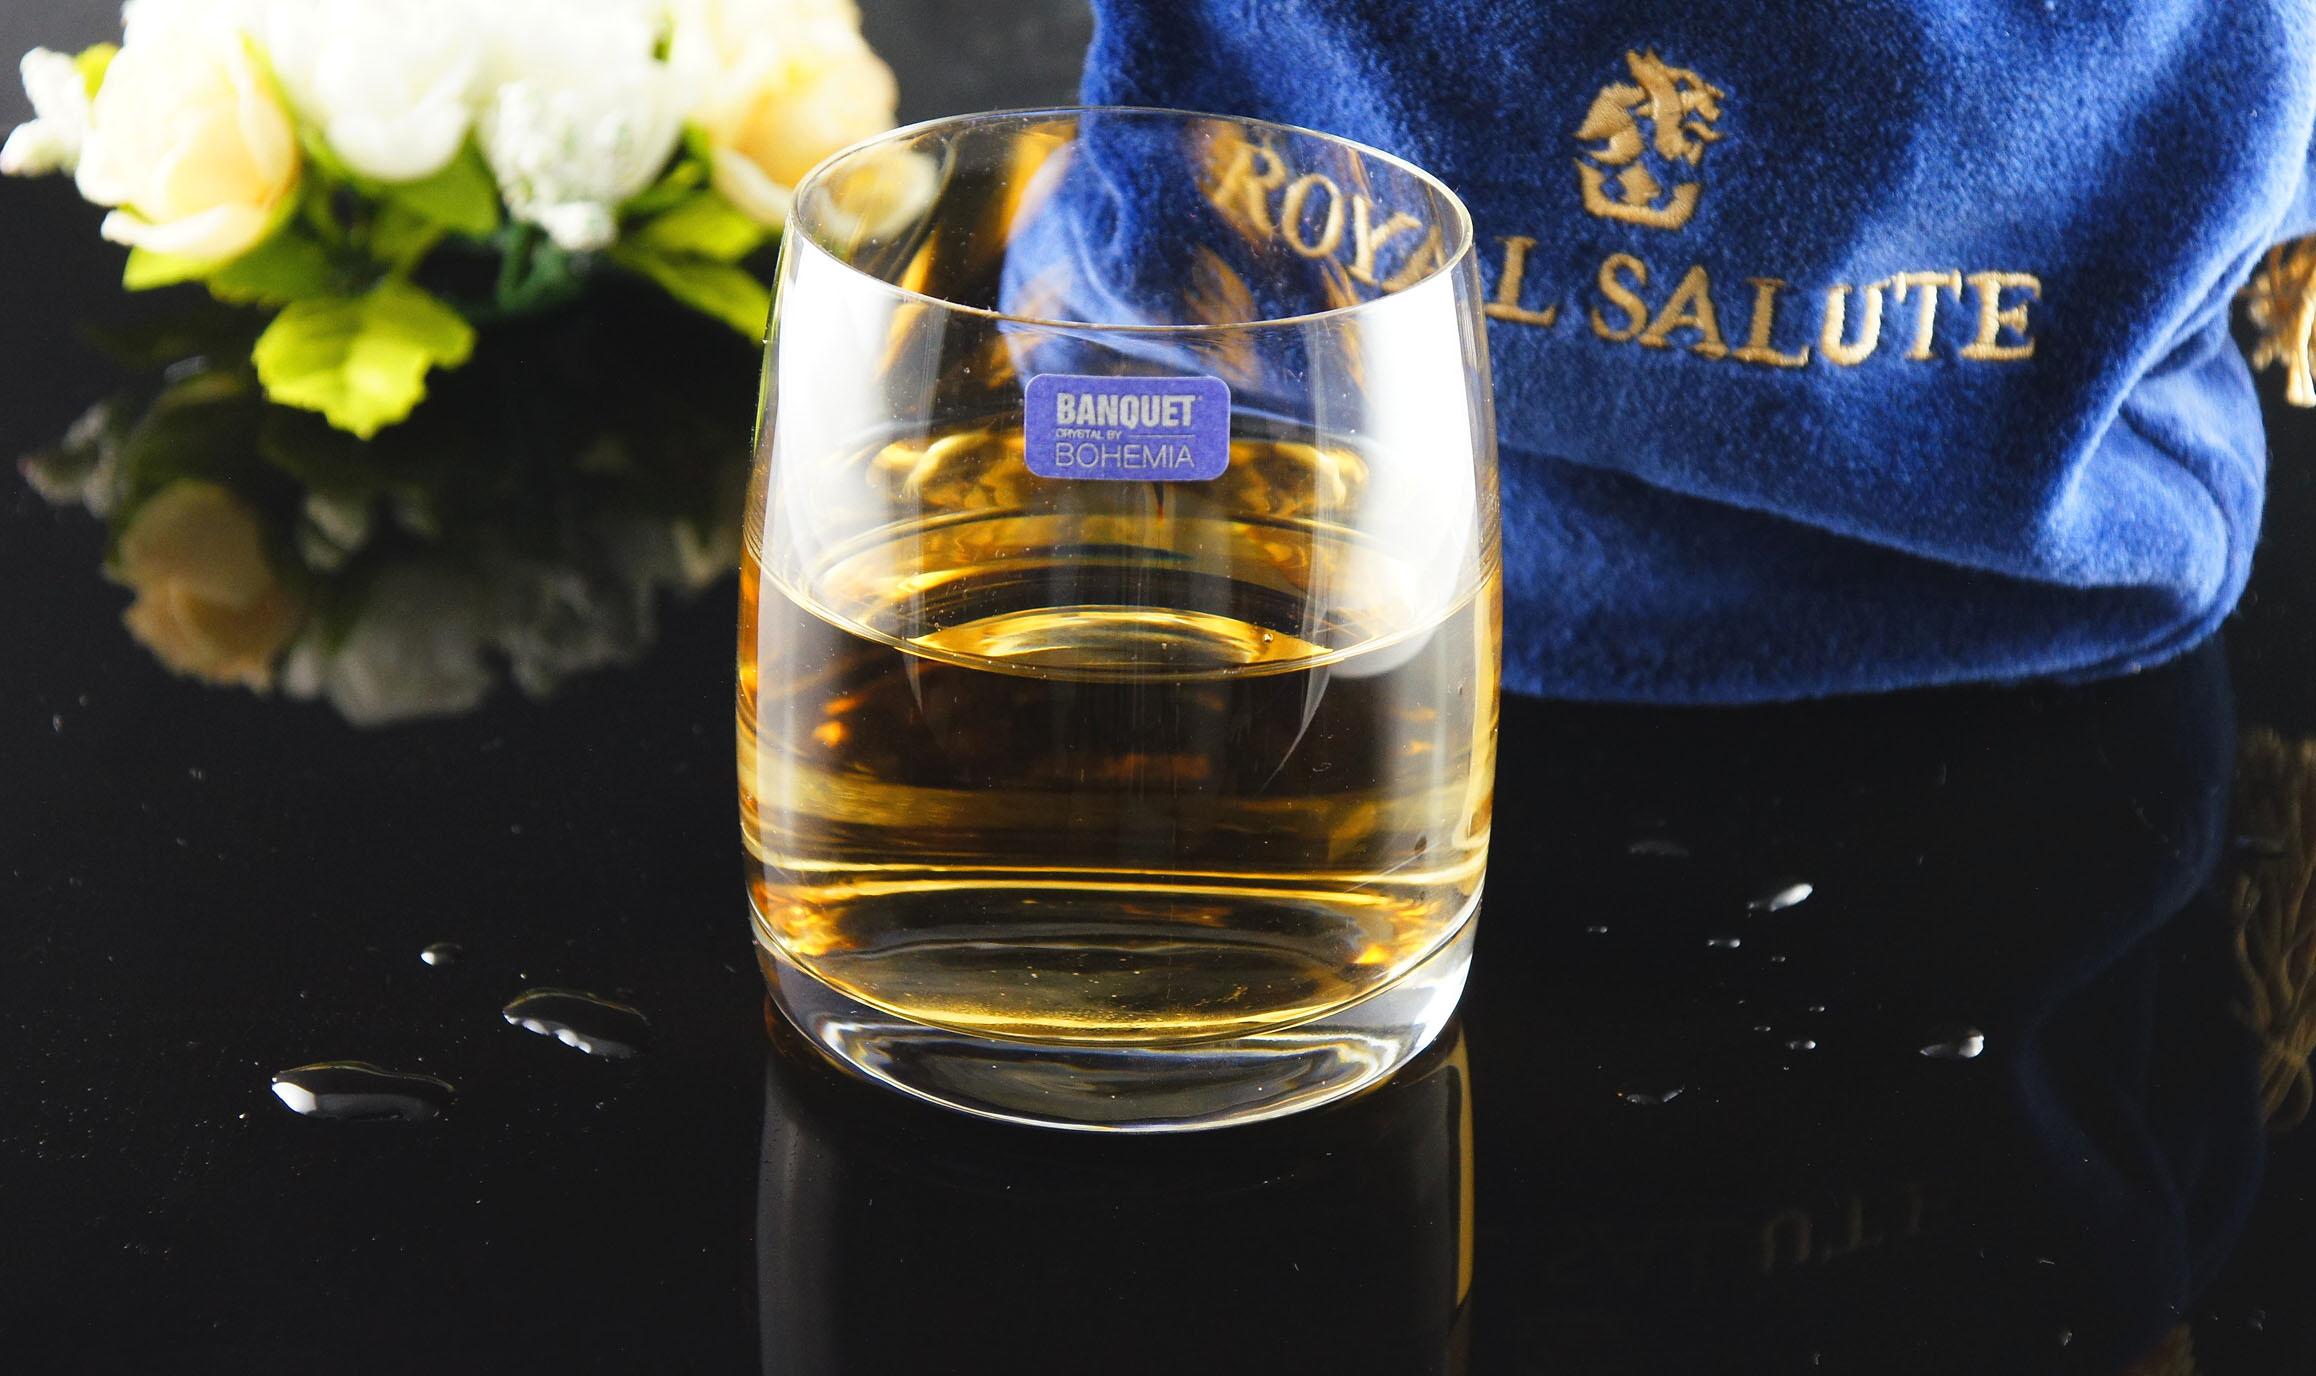 【曉風】水晶威士忌杯6入裝*《Banquet Crystal 歐洲水晶威士忌杯 280ml 》 1